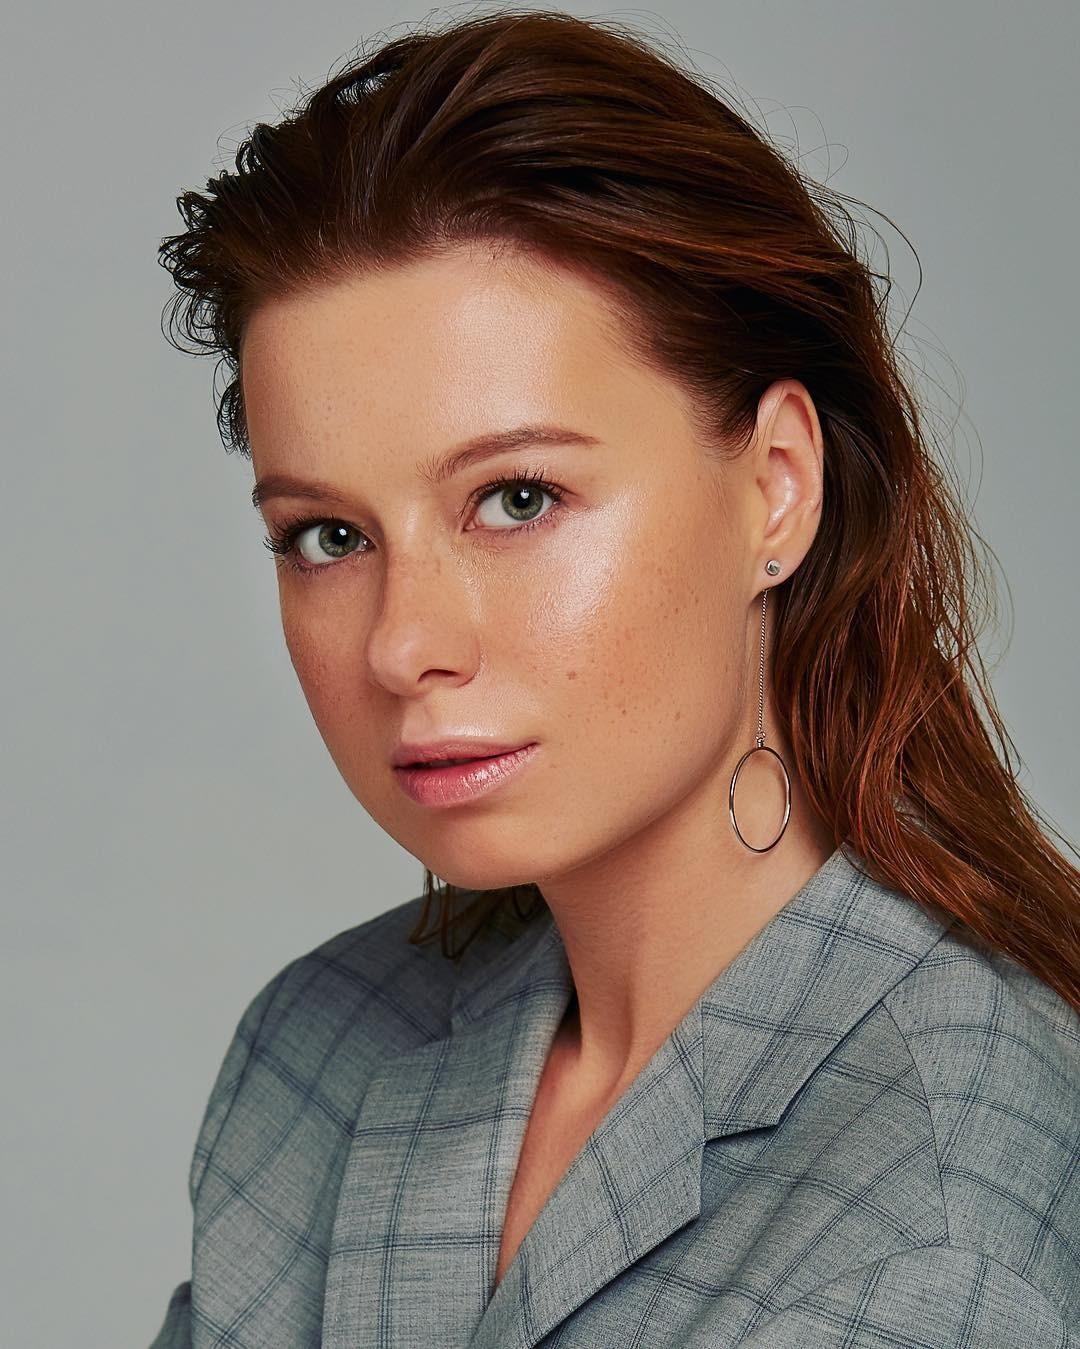 Юлия Савичева рассказала, что полностью отказалась от сахара